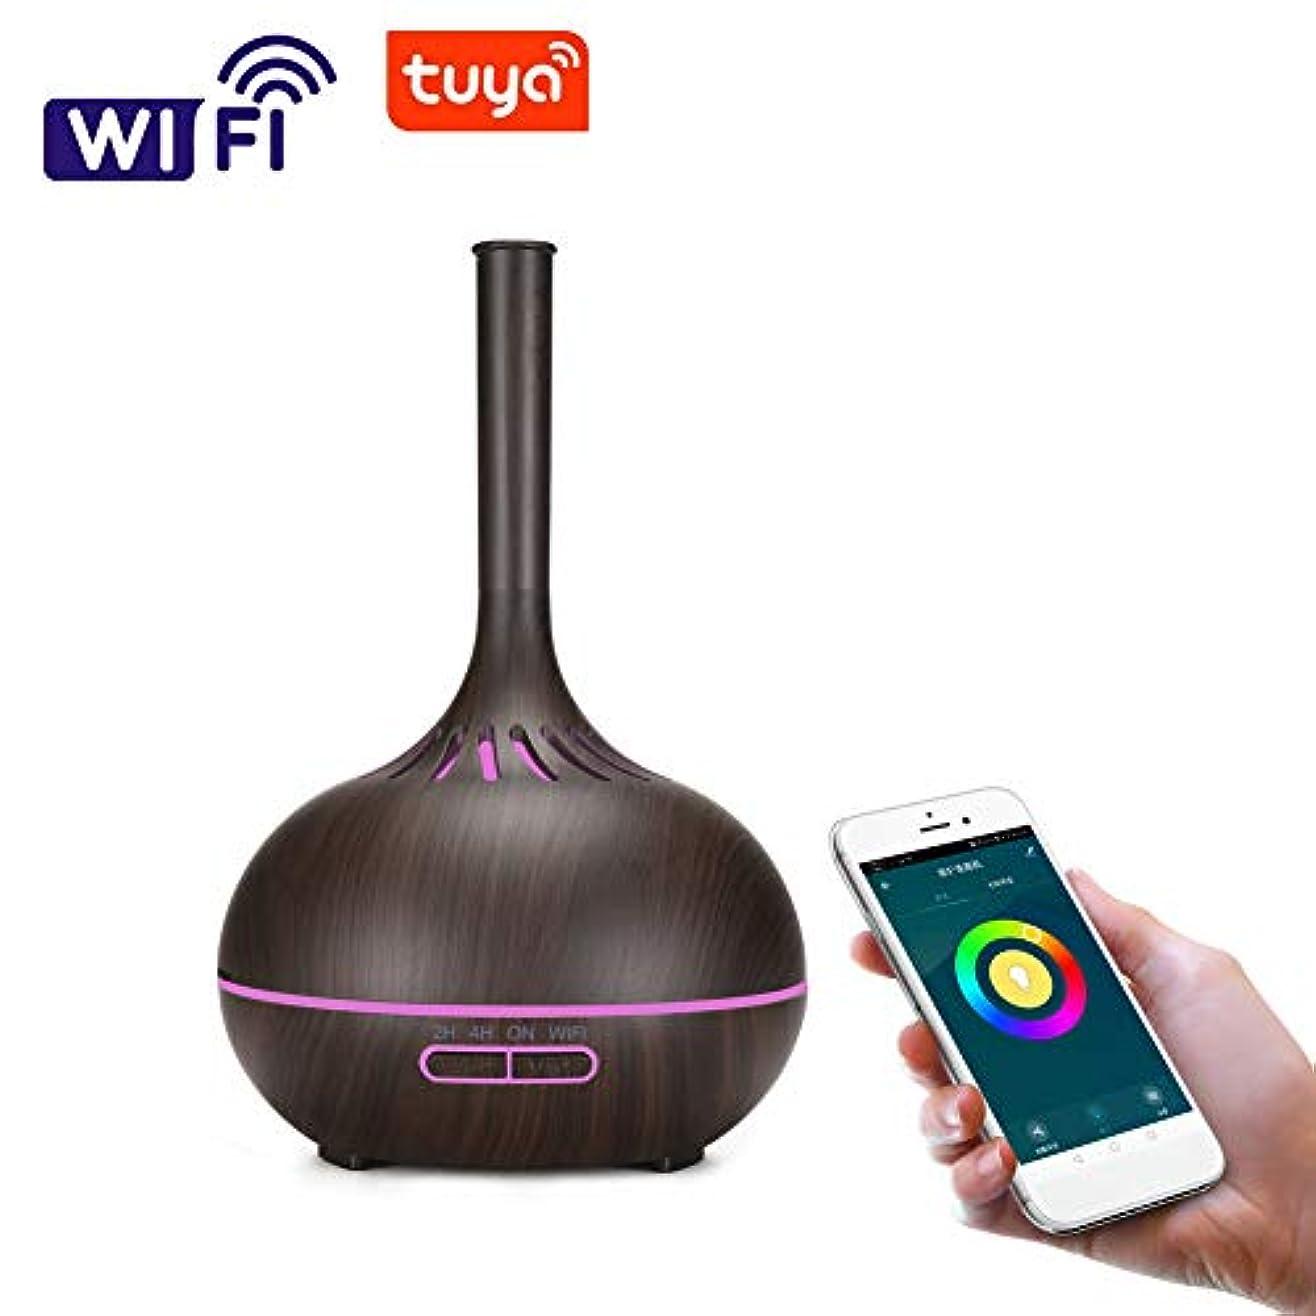 ワイド委託ヒューム木目 涼しい霧 超音波式 加湿器,wifi 7 色 香り 精油 ディフューザー 調整可能 空気加湿器 アロマネブライザー ホーム Yoga オフィス- 400ml